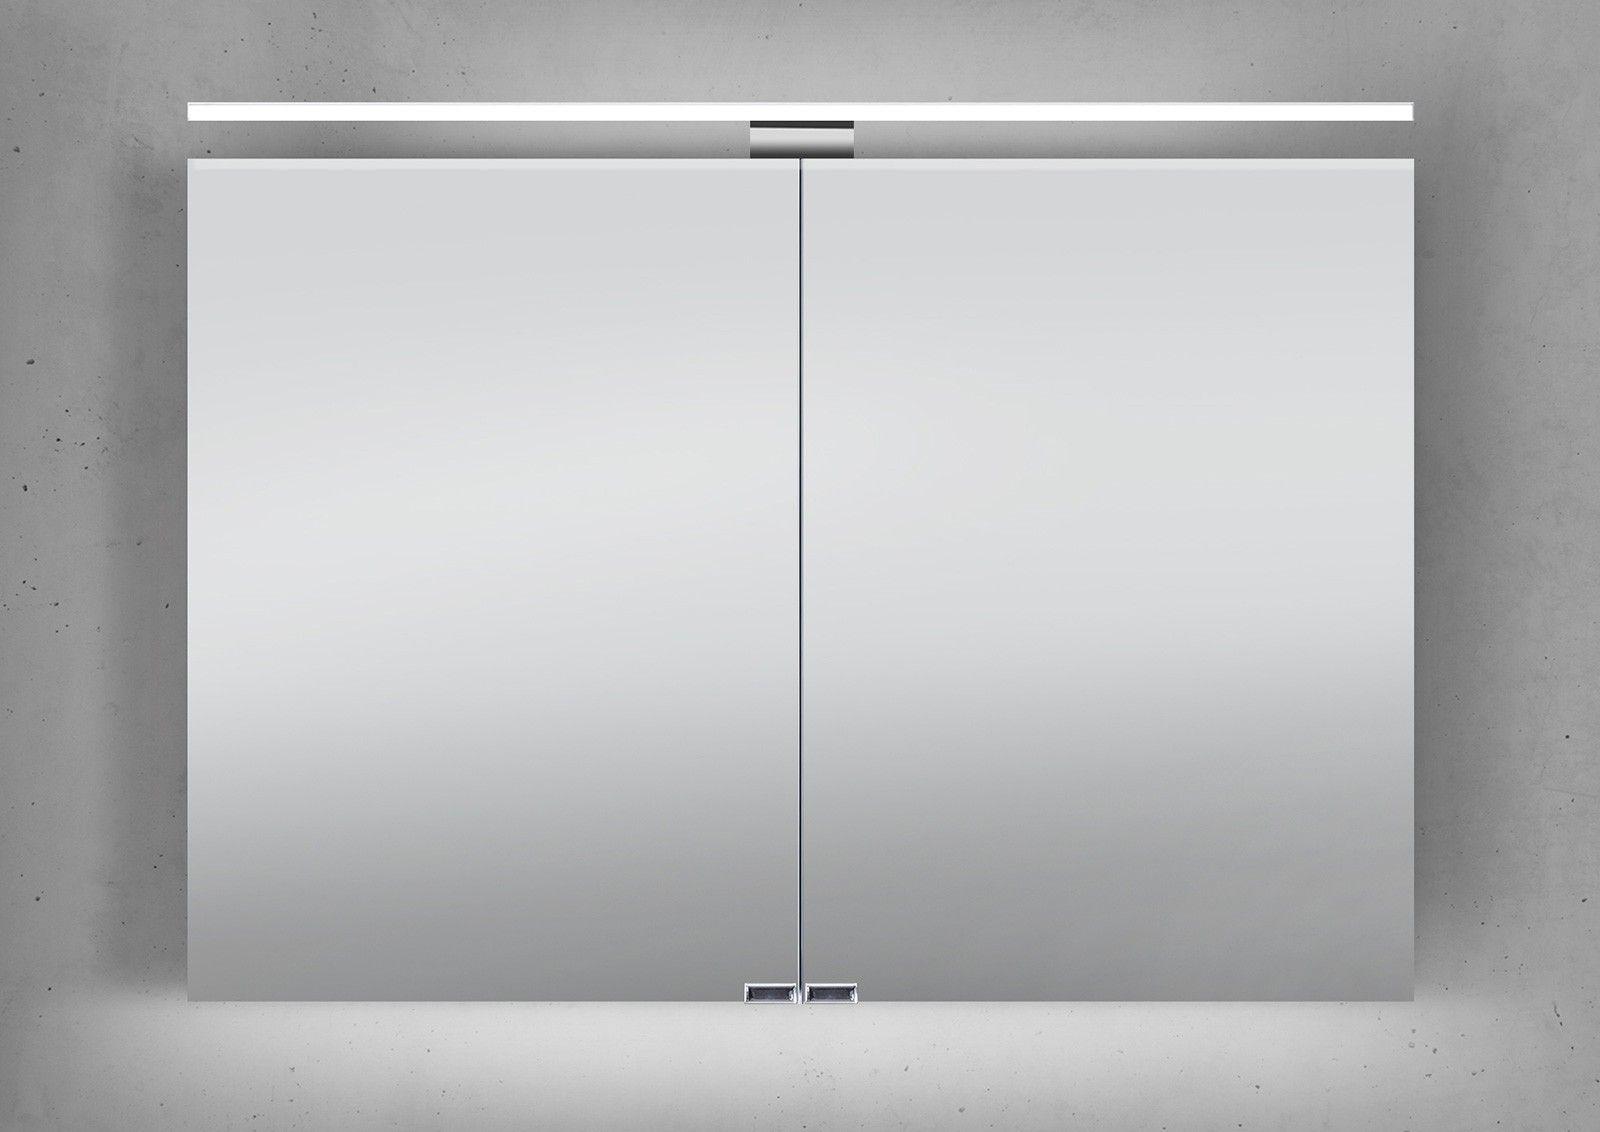 Exceptional Design Bad Spiegelschrank100cm, Eiche Anthrazit. Spiegelschrank 100 CmSpiegelschrank  BadLed BeleuchtungModisch